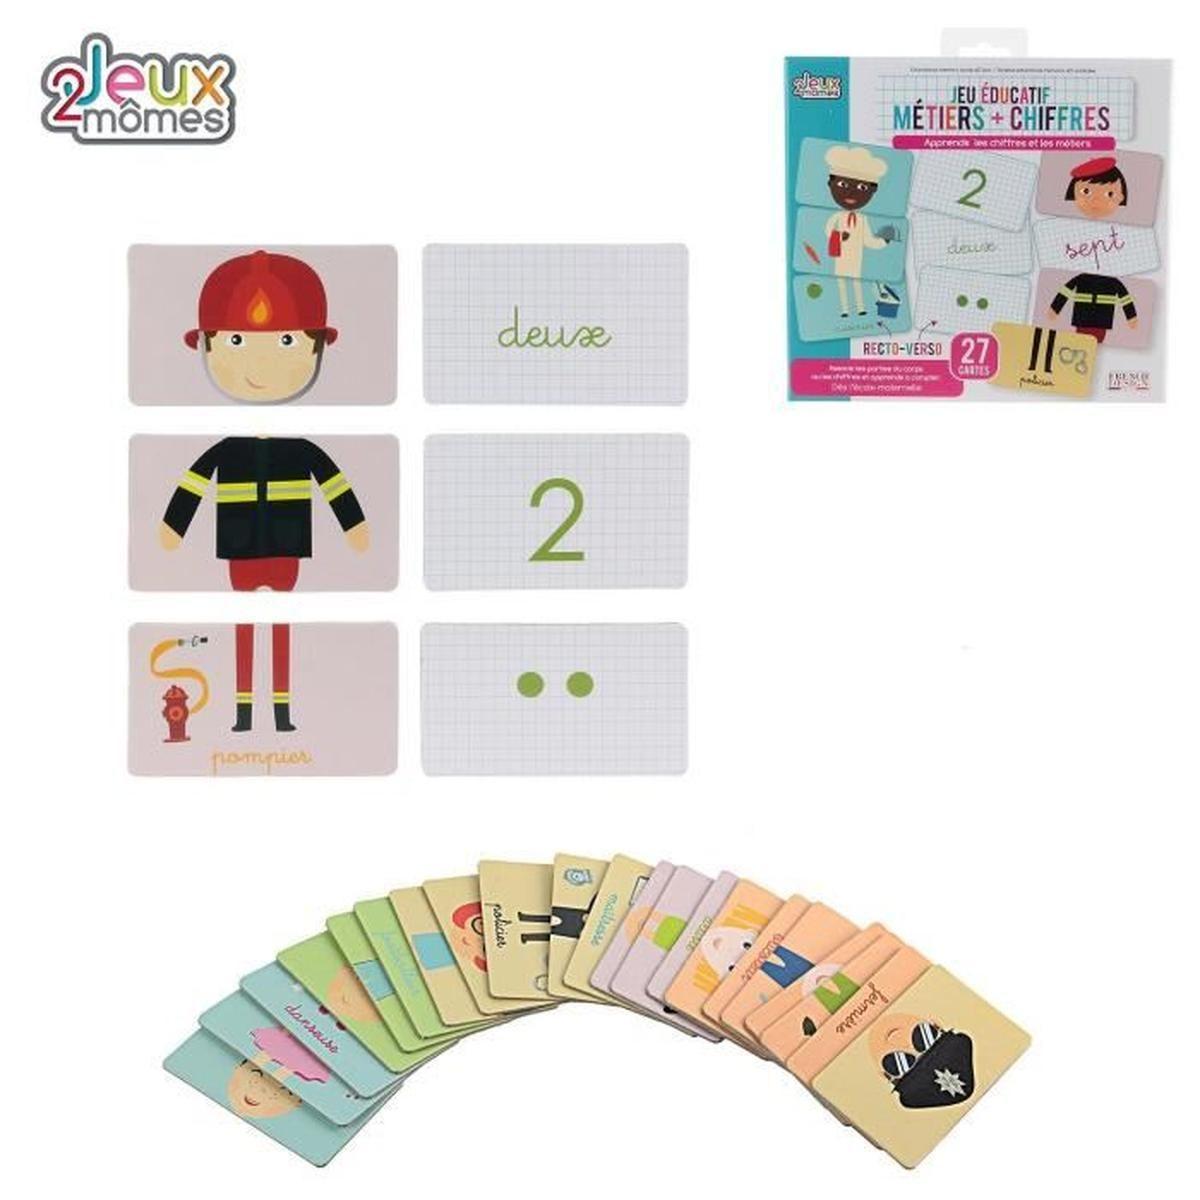 27 Cartes Educatives Metiers Et Chiffres - Apprendre Maternelle Compter -  300 à Jeu Educatif Maternelle